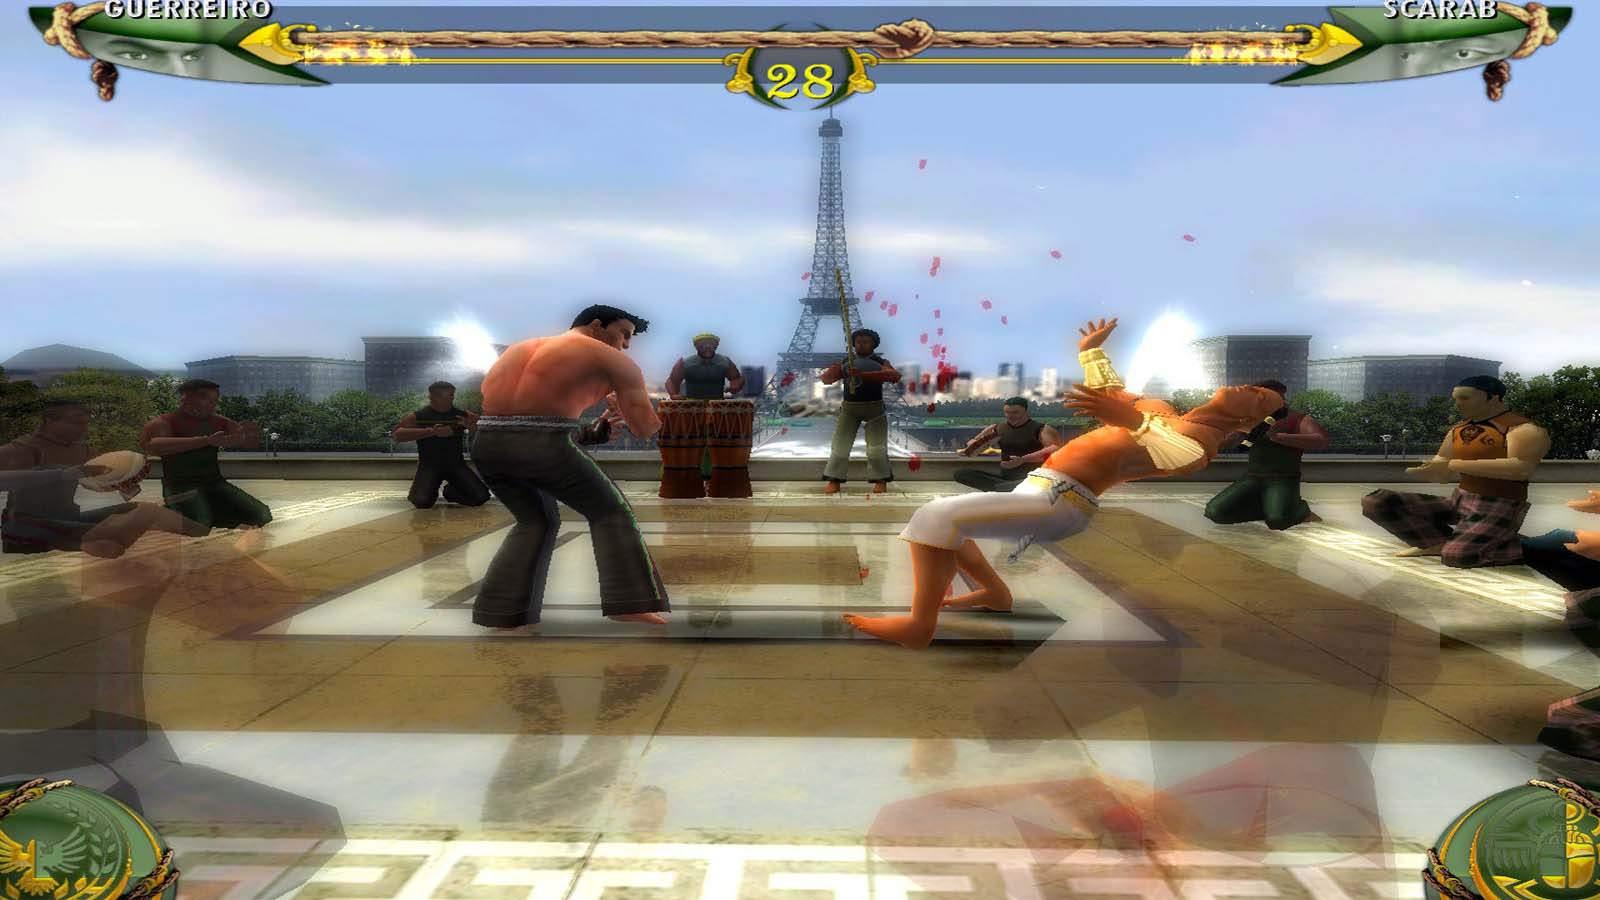 تحميل لعبة Martial Arts Capoeira مضغوطة برابط واحد مباشر + تورنت كاملة مجانا